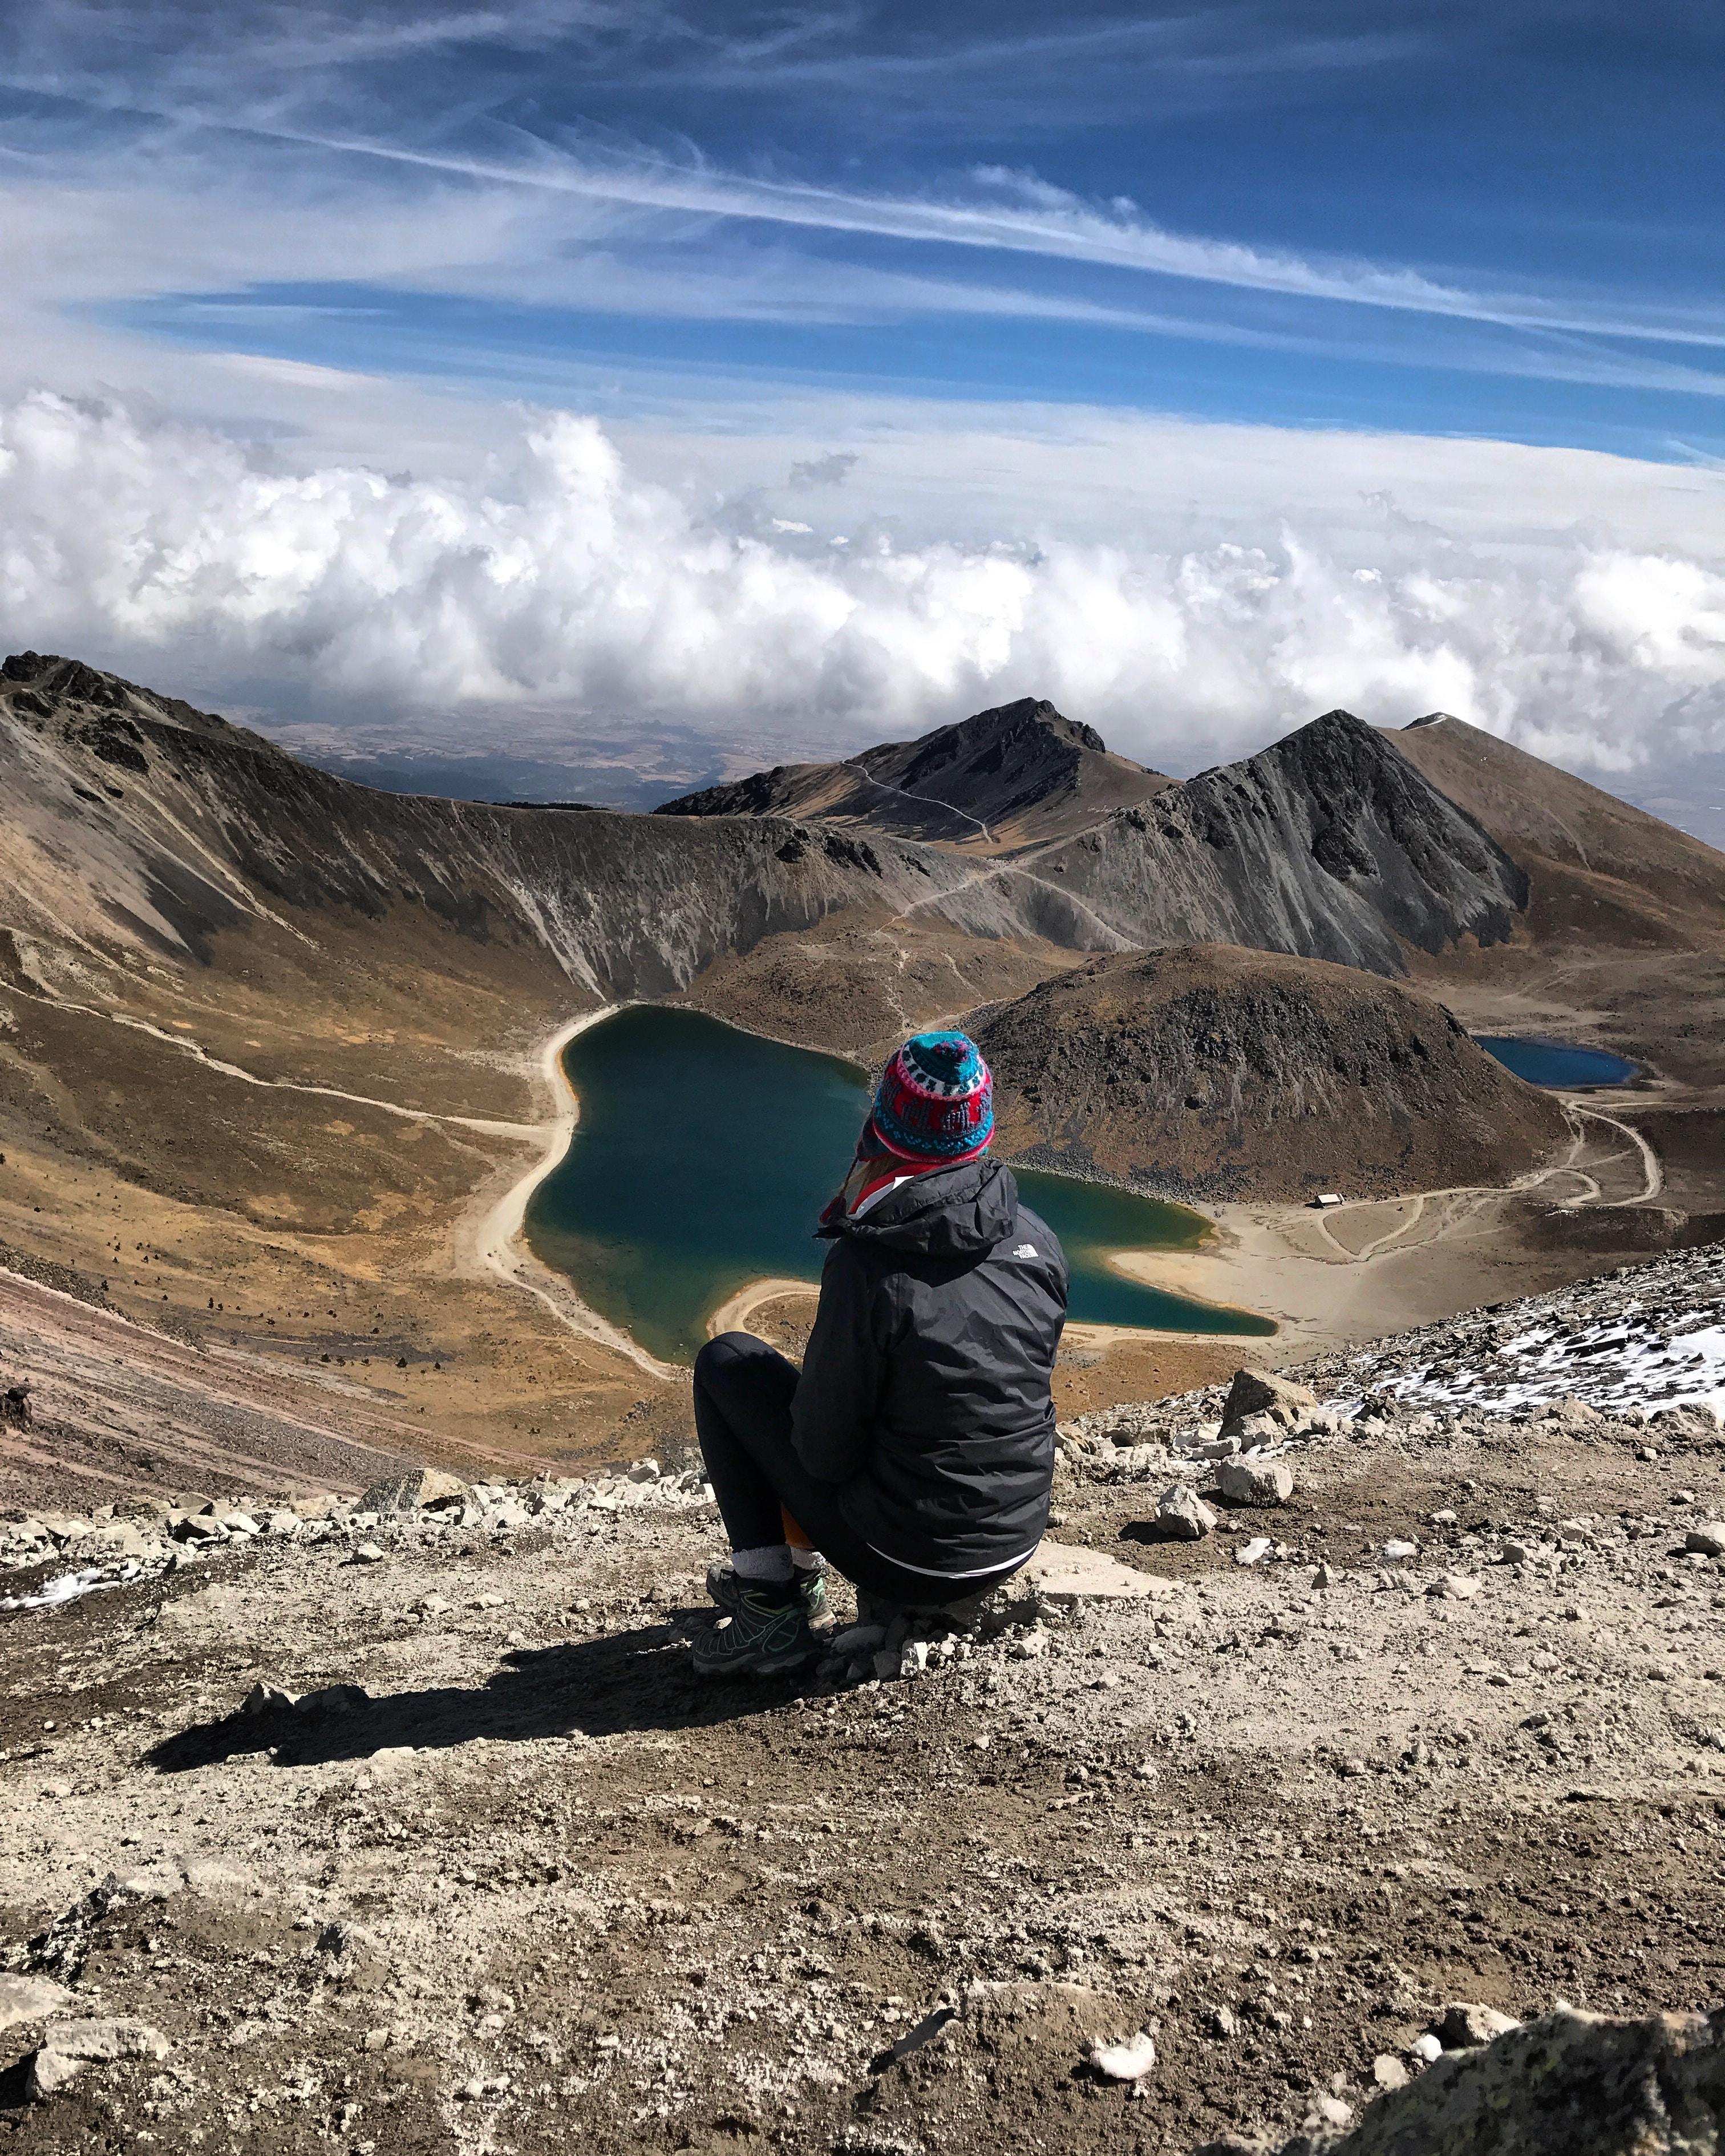 person sitting on stone on mountain